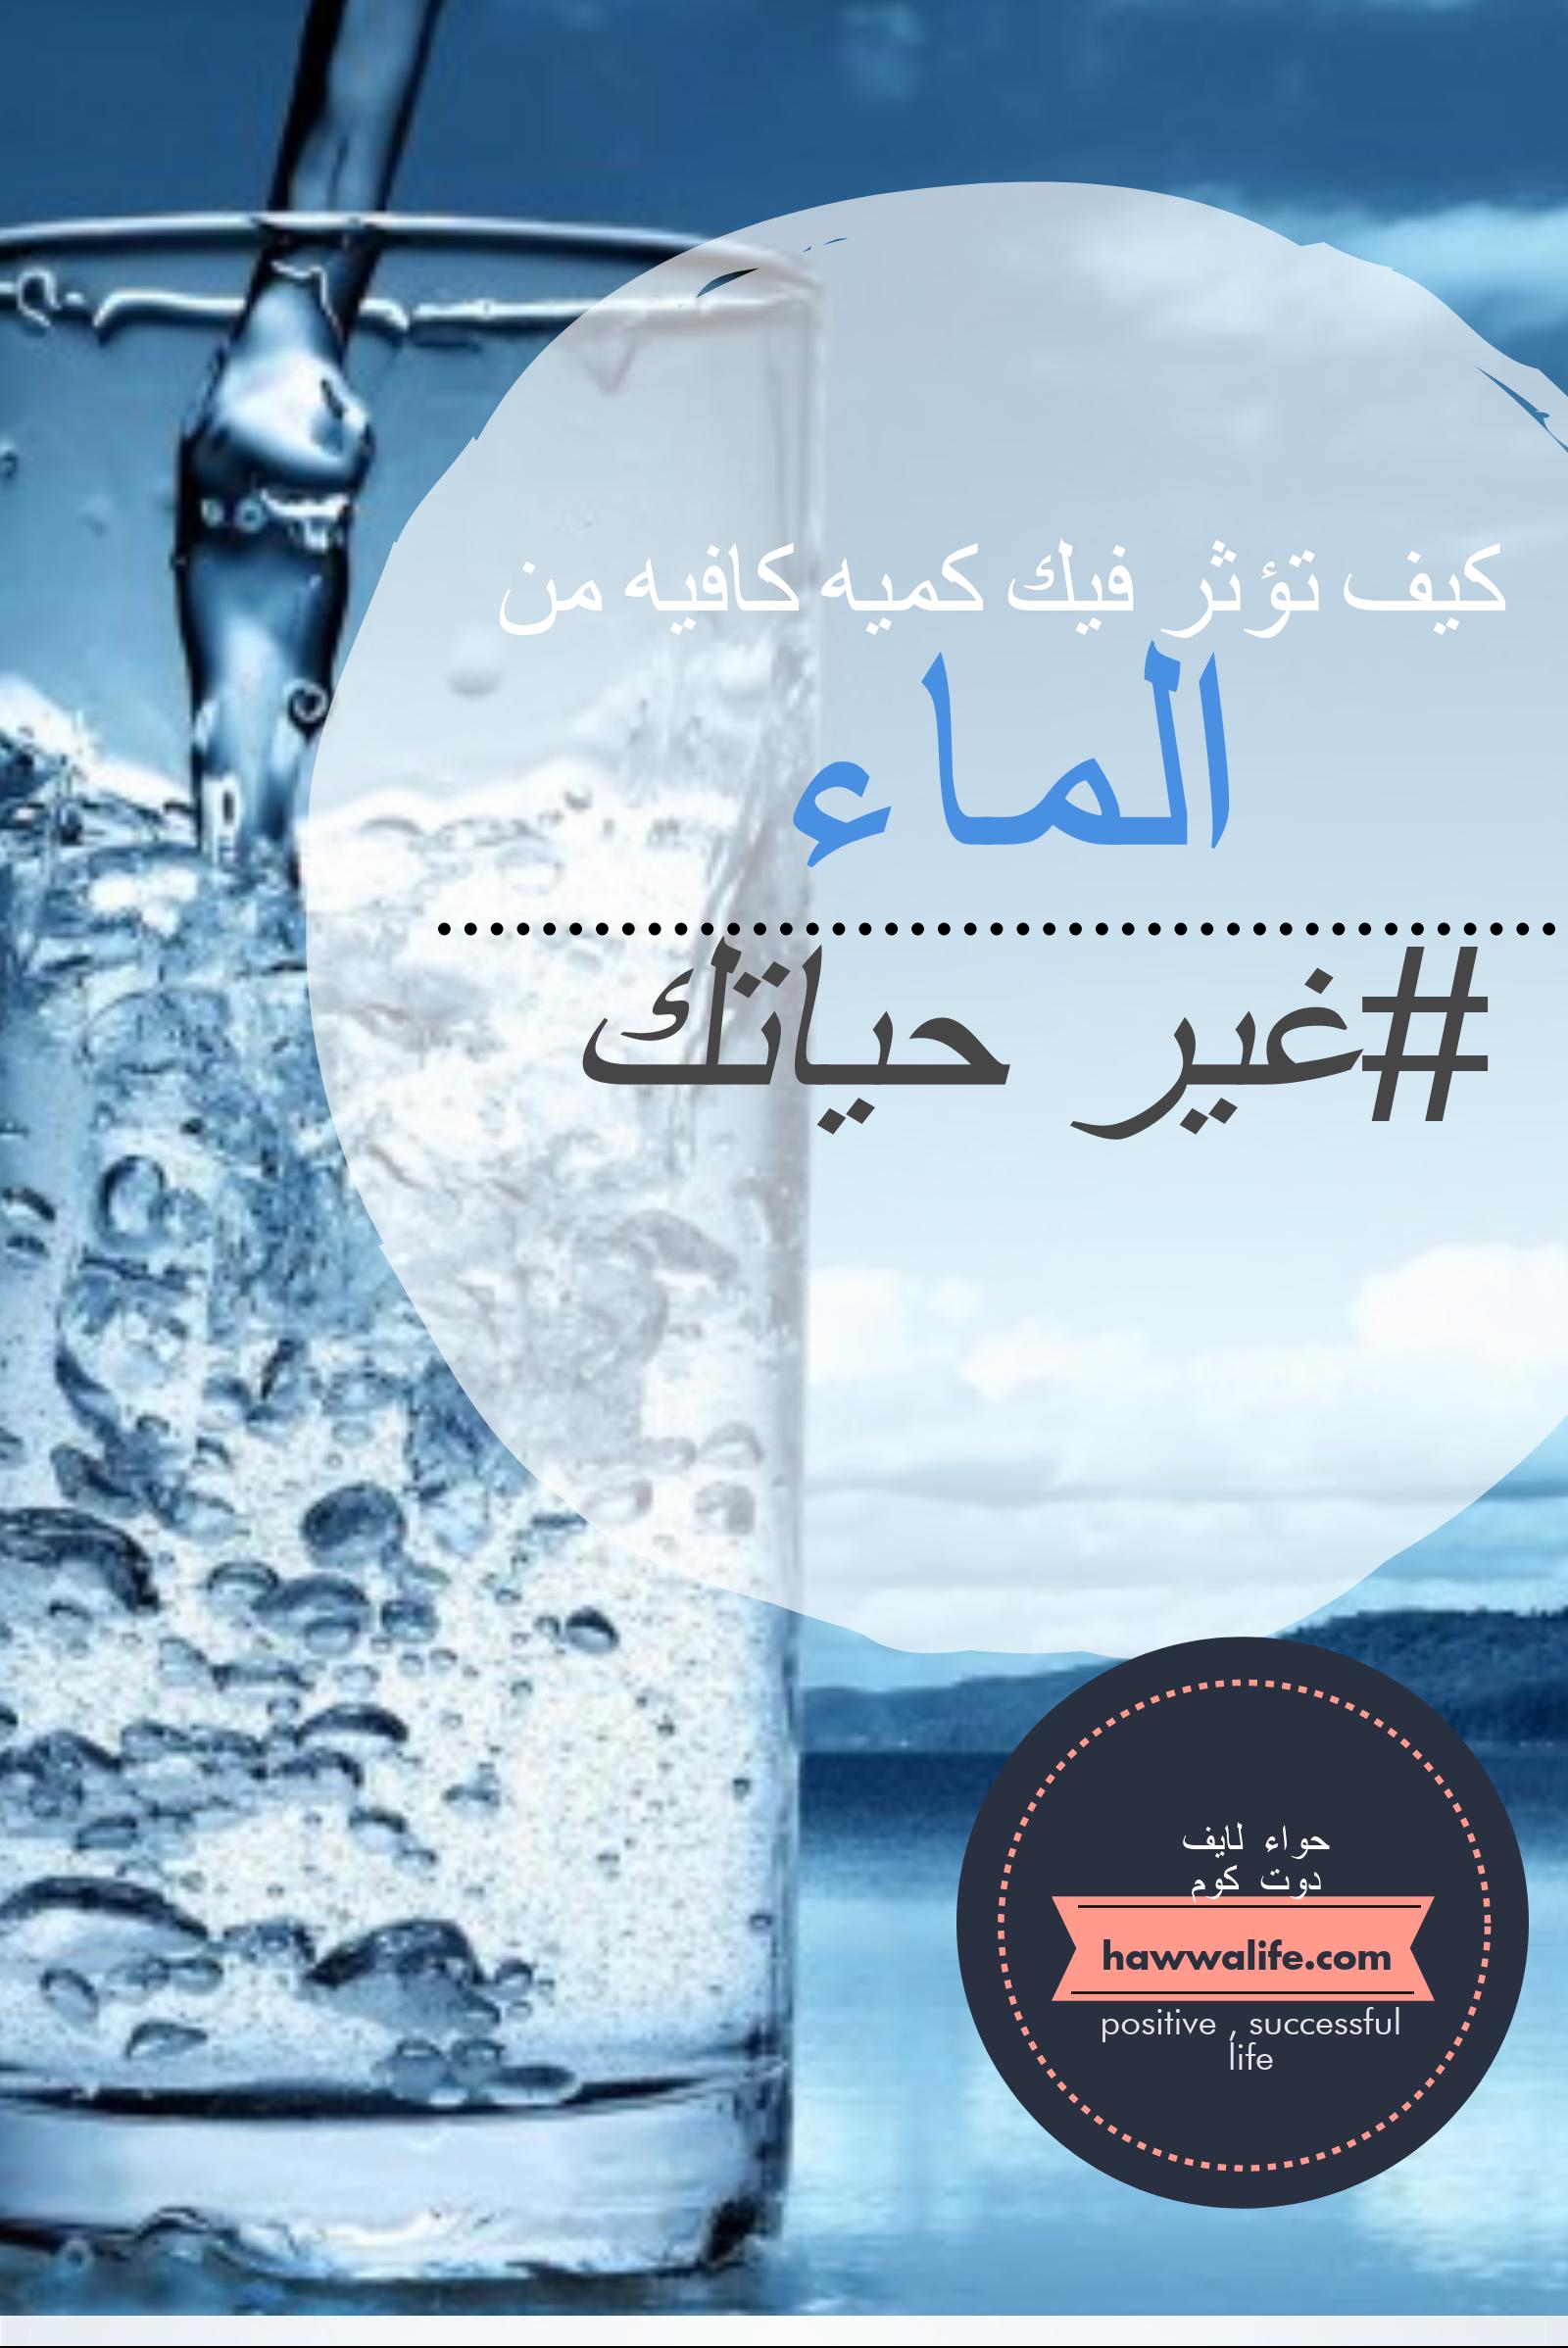 وجعلنا من الماء كل شئ حى Benefits Of Water On Your Body غير حياتك Life Healthy Life Lifestyle